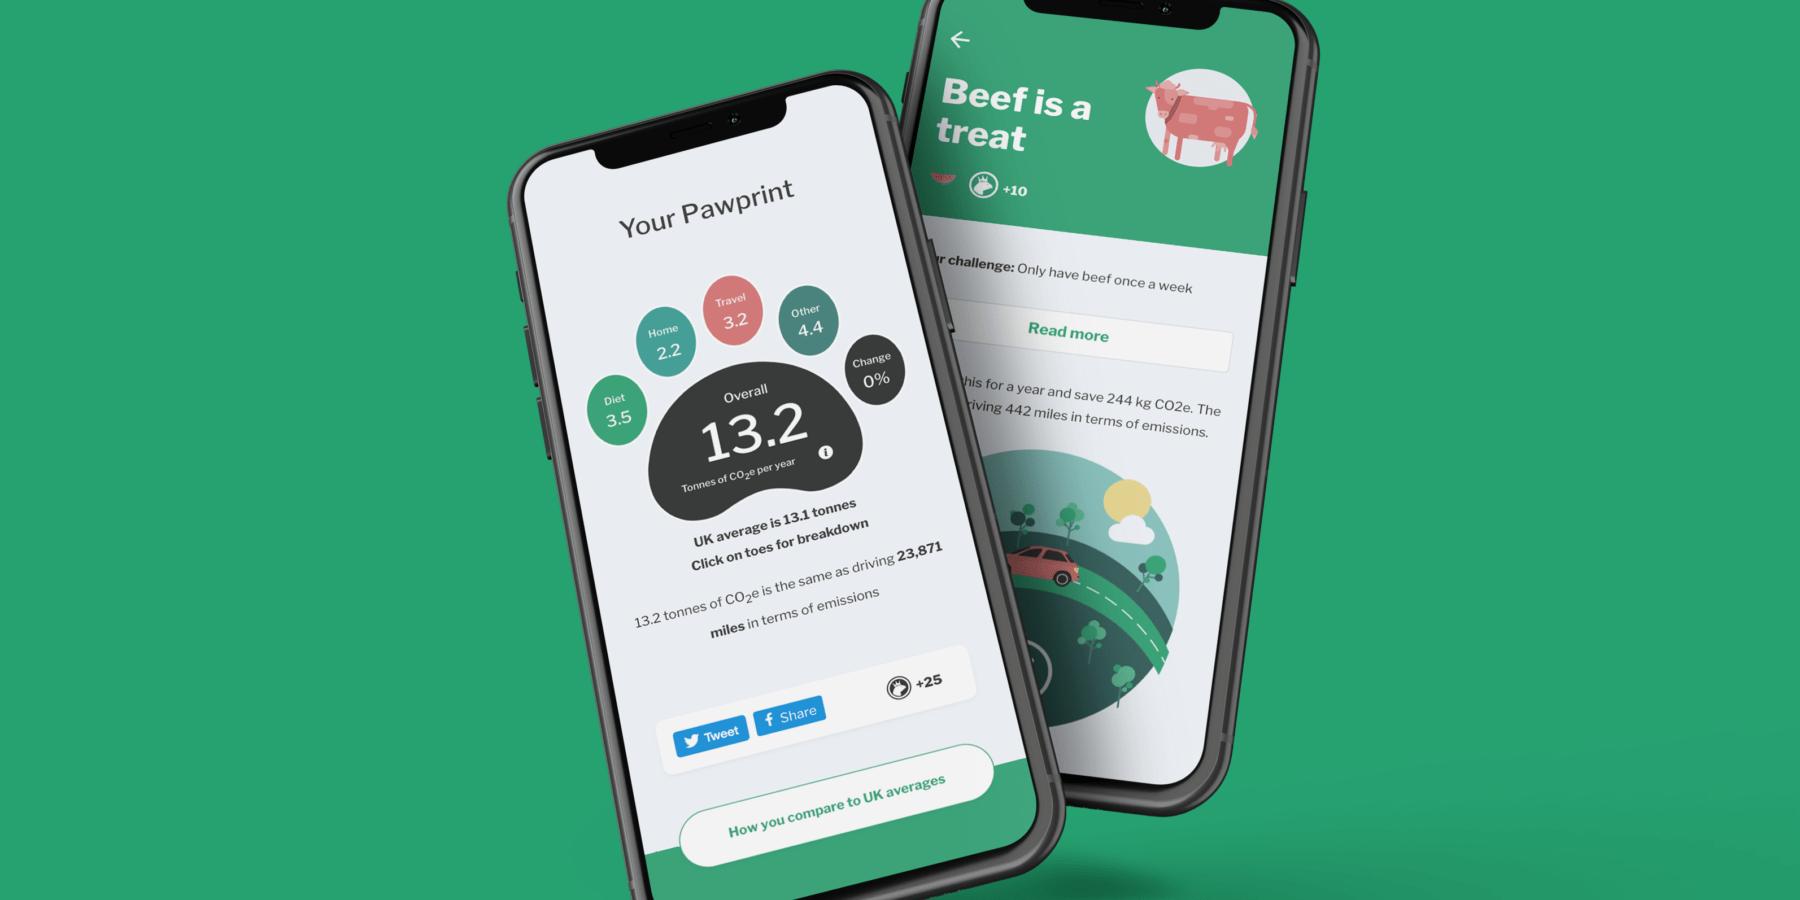 個人の二酸化炭素排出量を測定し削減のヒントを教えるアプリ「Pawprint」